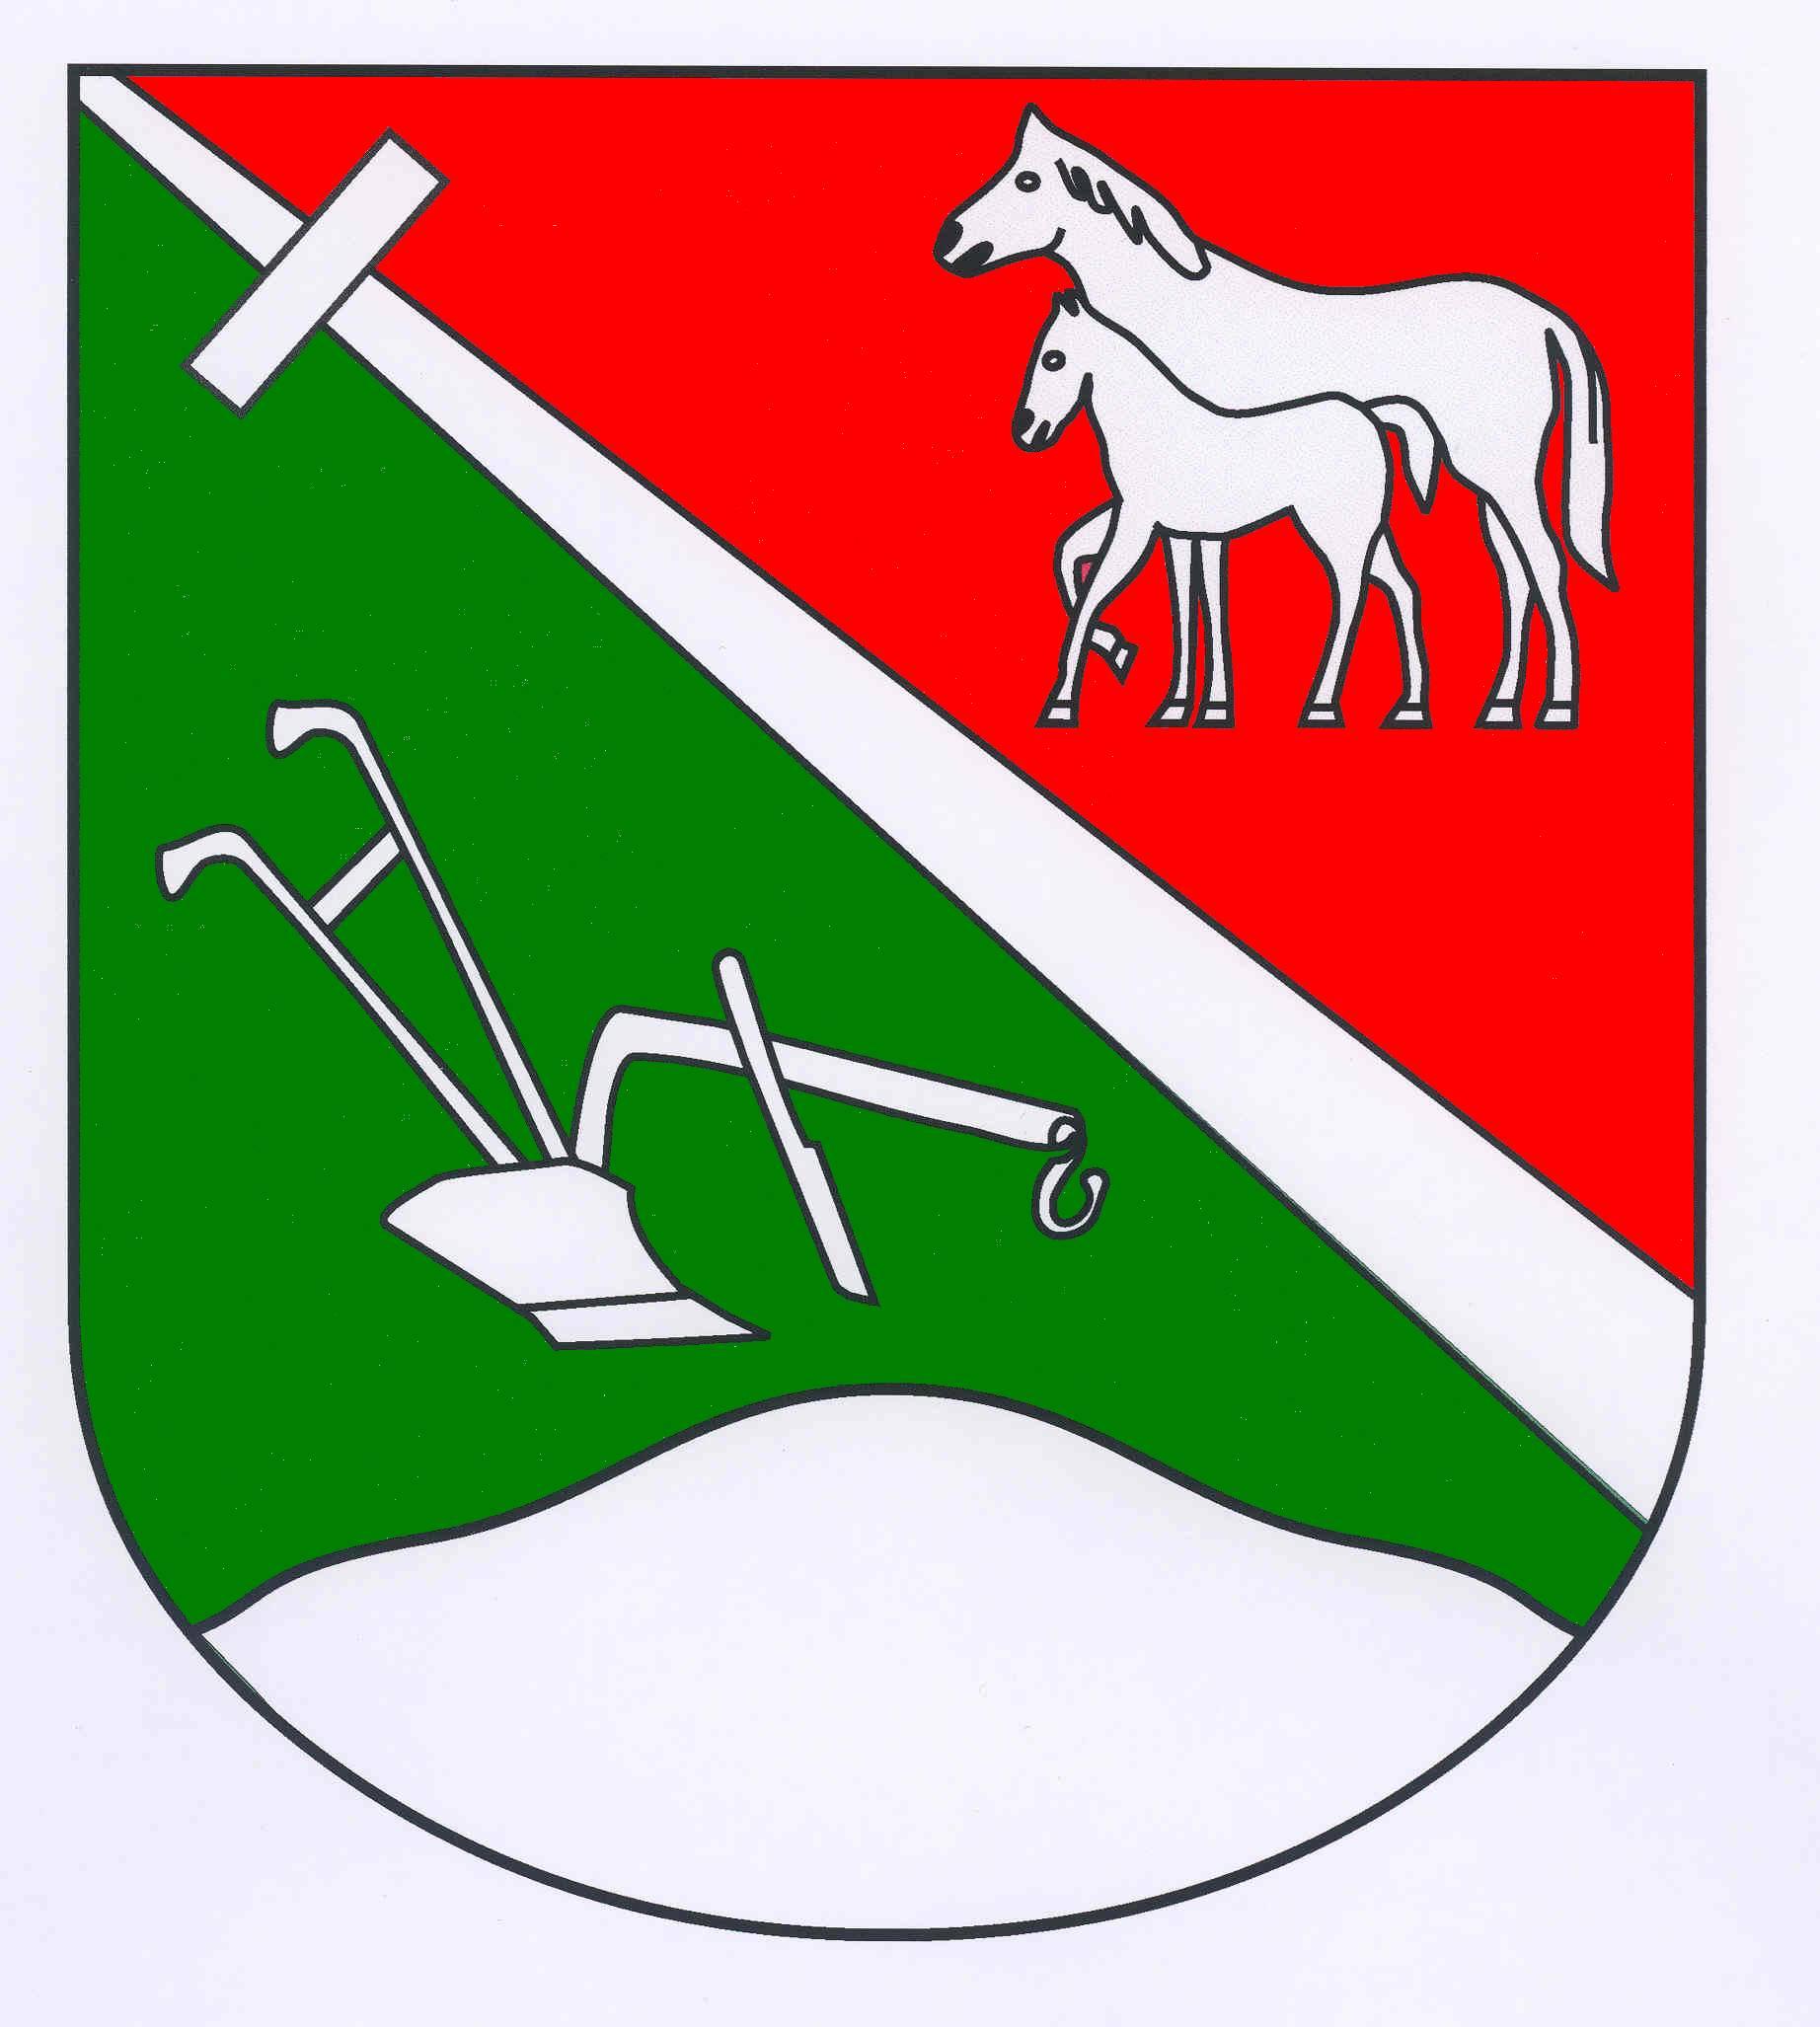 Wappen GemeindeKastorf, Kreis Herzogtum Lauenburg